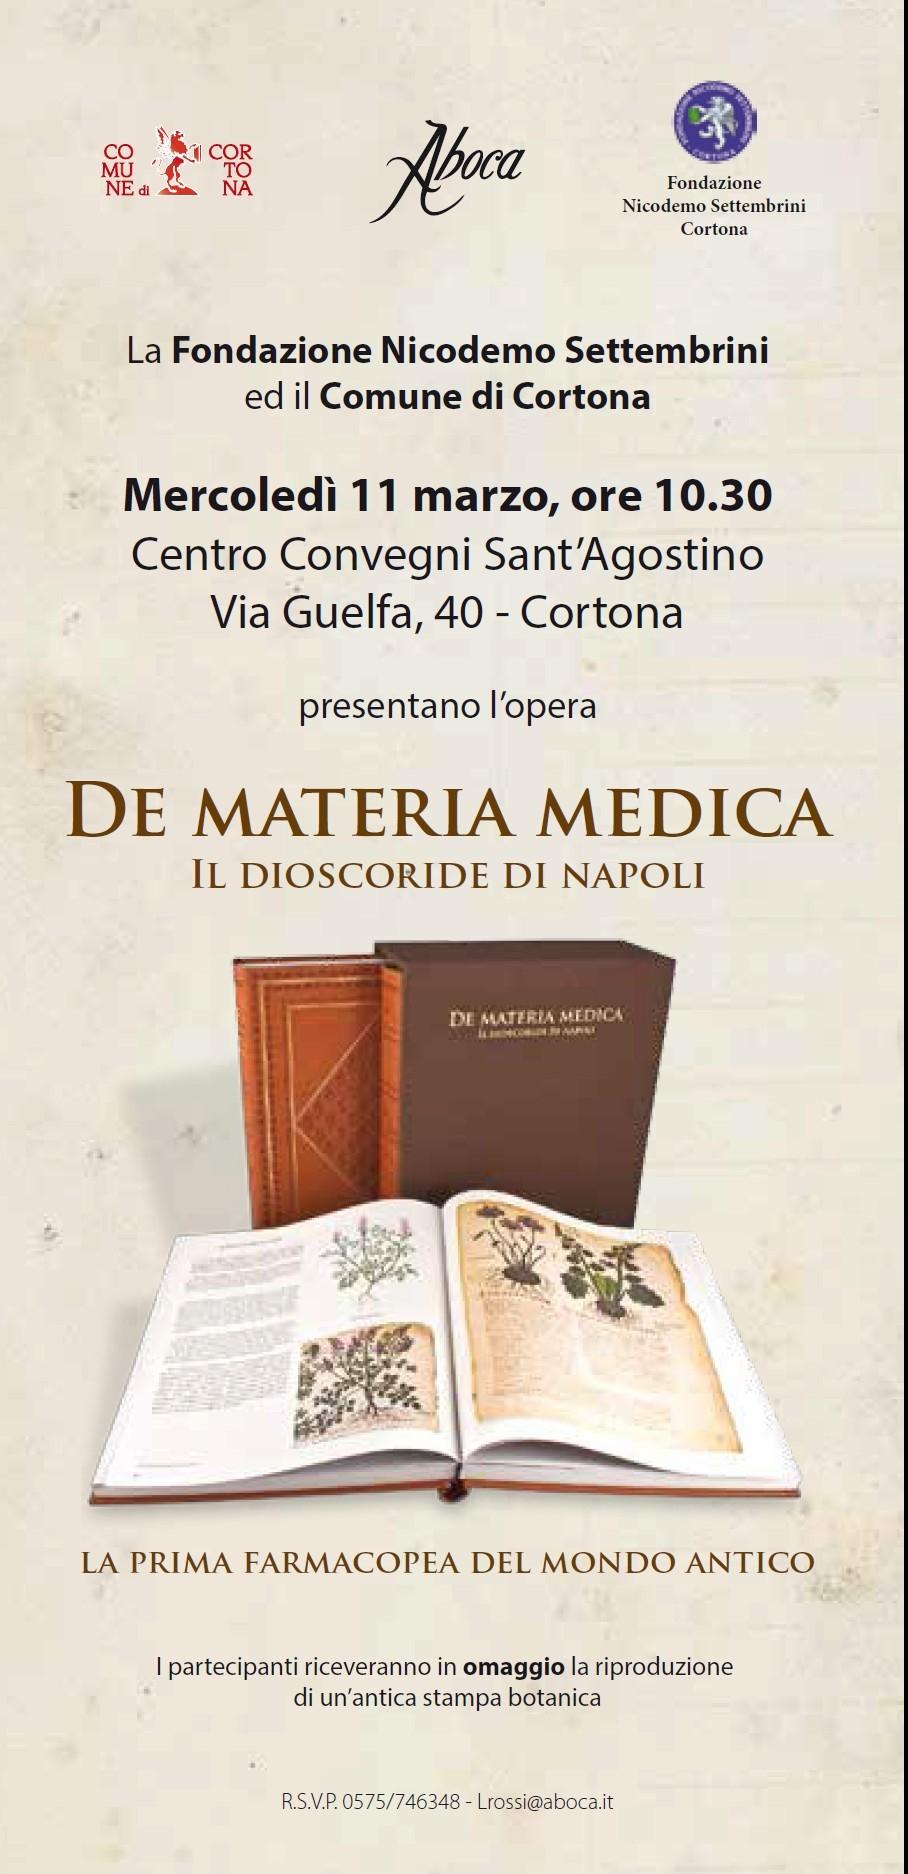 'De materia medica', l'antico codice ripubblicato e presentato a Cortona